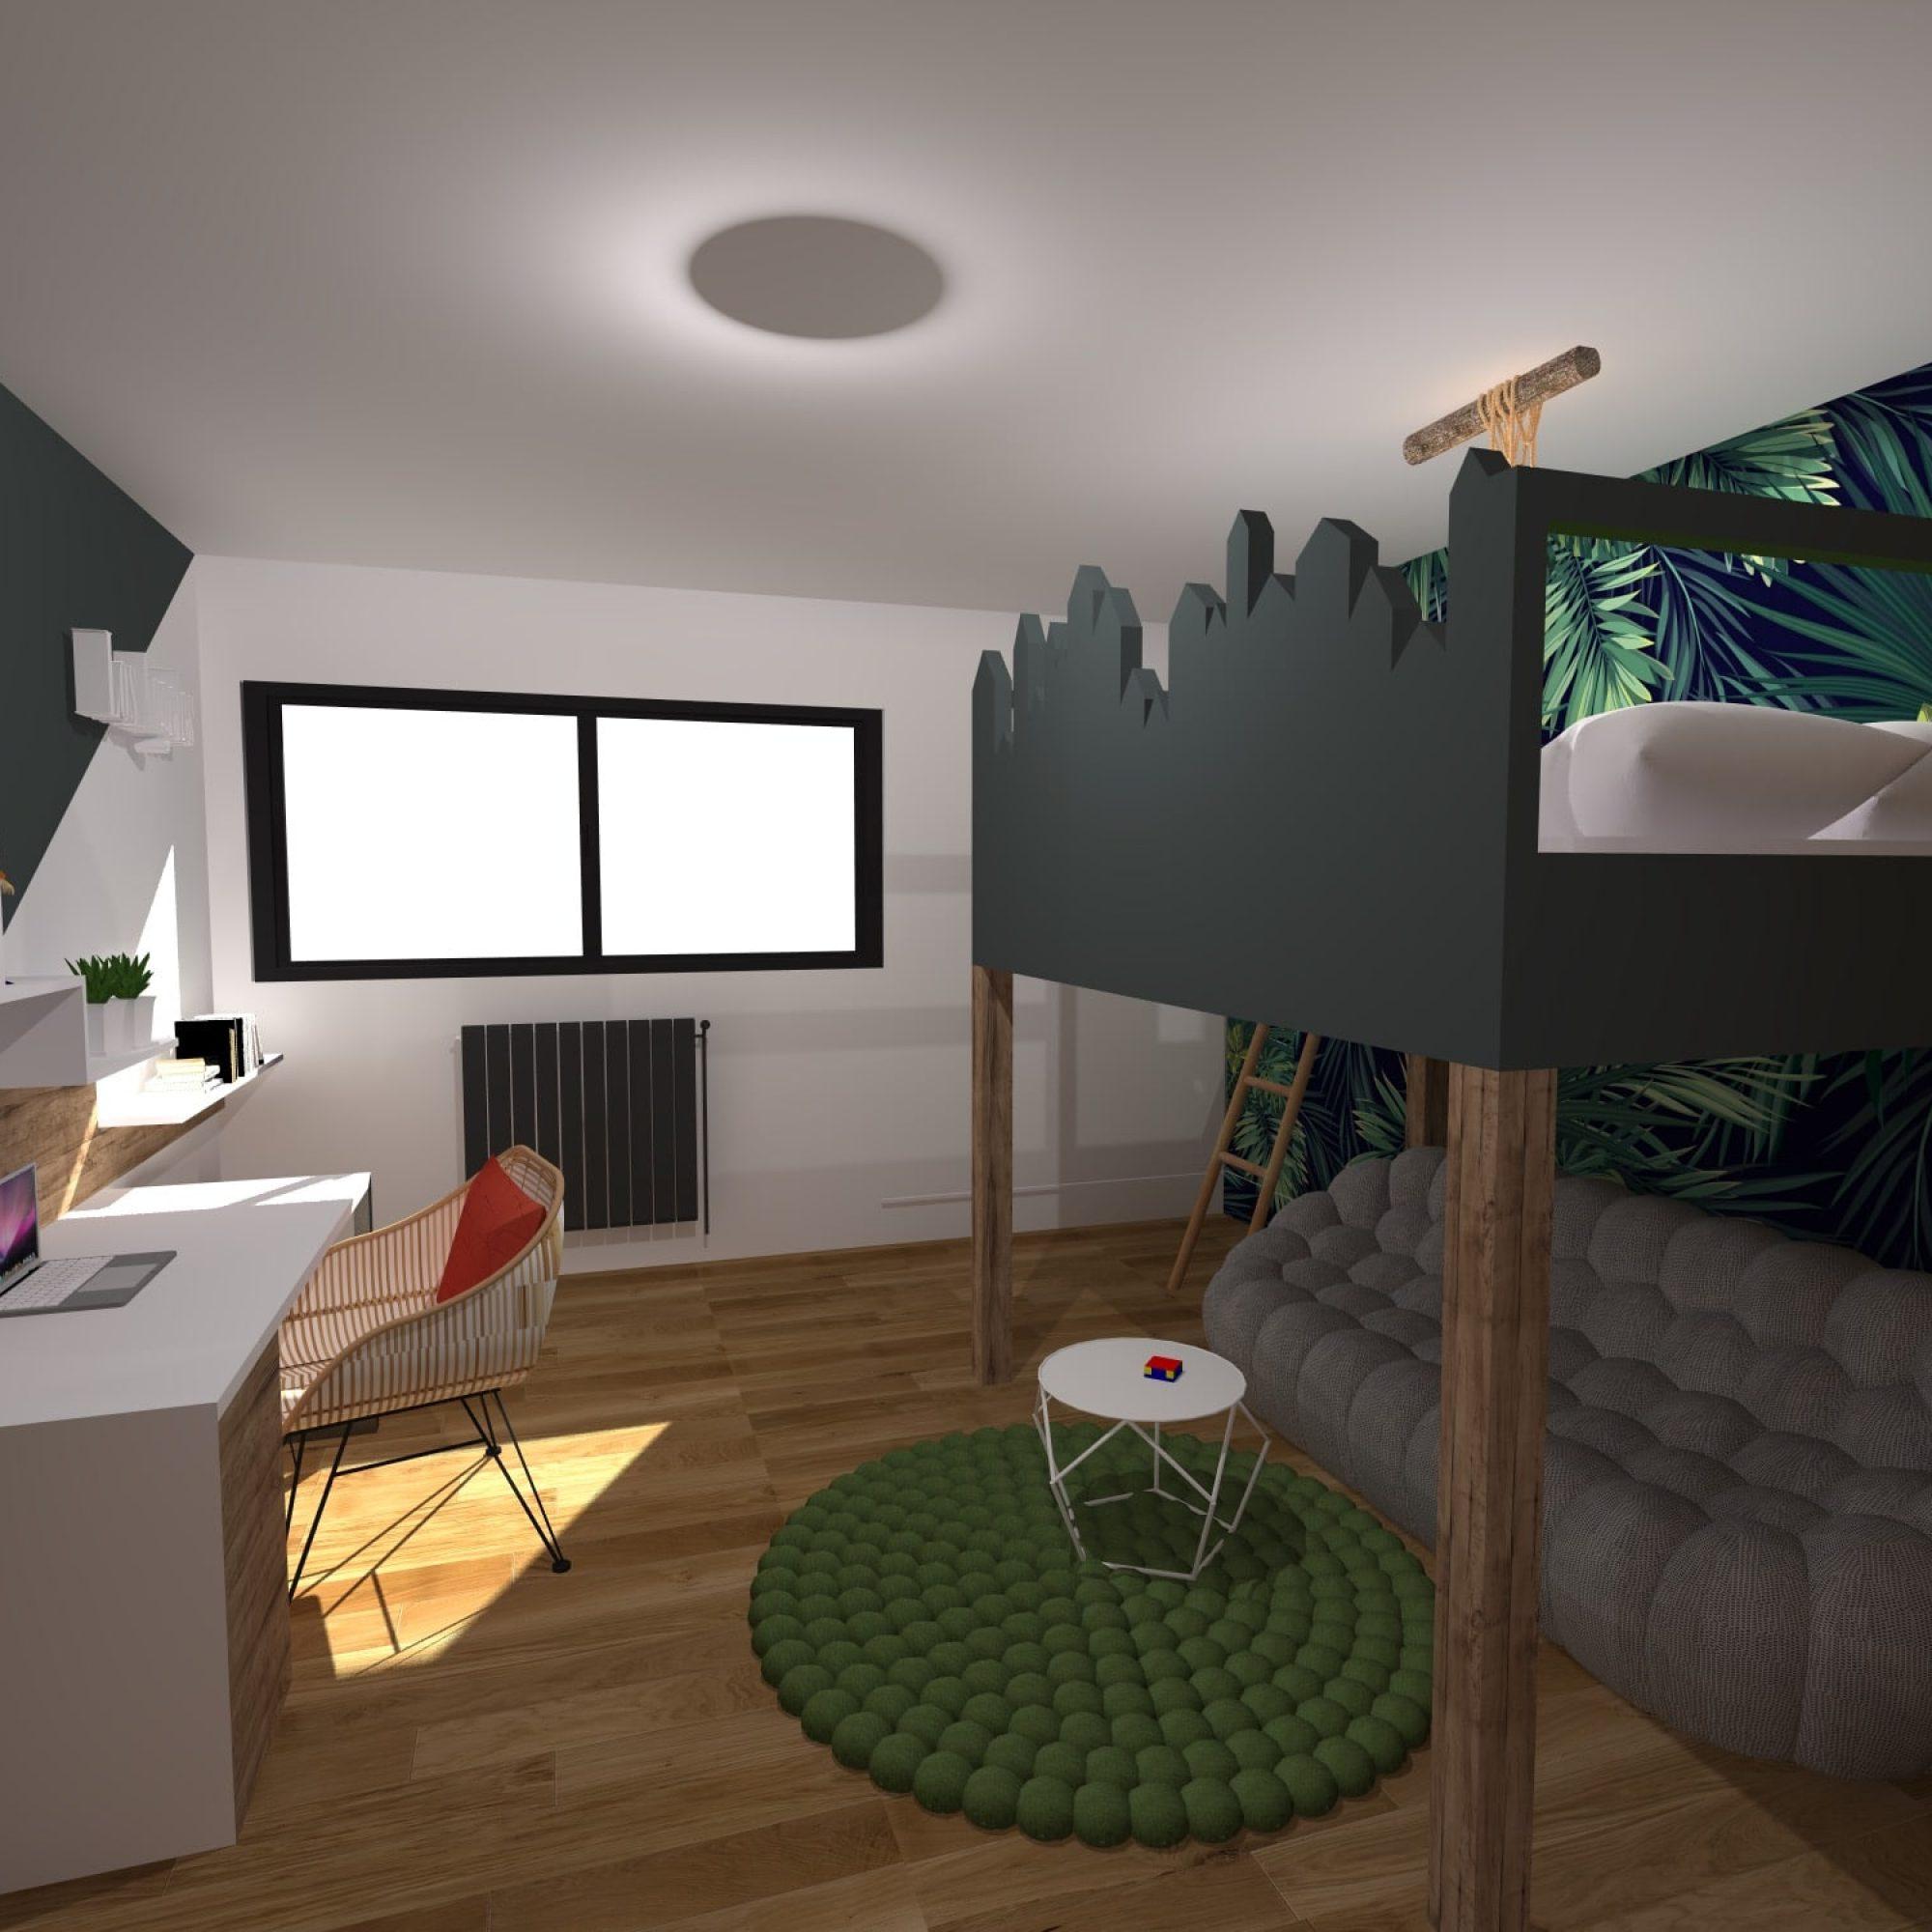 chambre-garcon-jungle-parquet-sur-mesure-roche-bobois-jeremy-dugas-montpellier-decoration